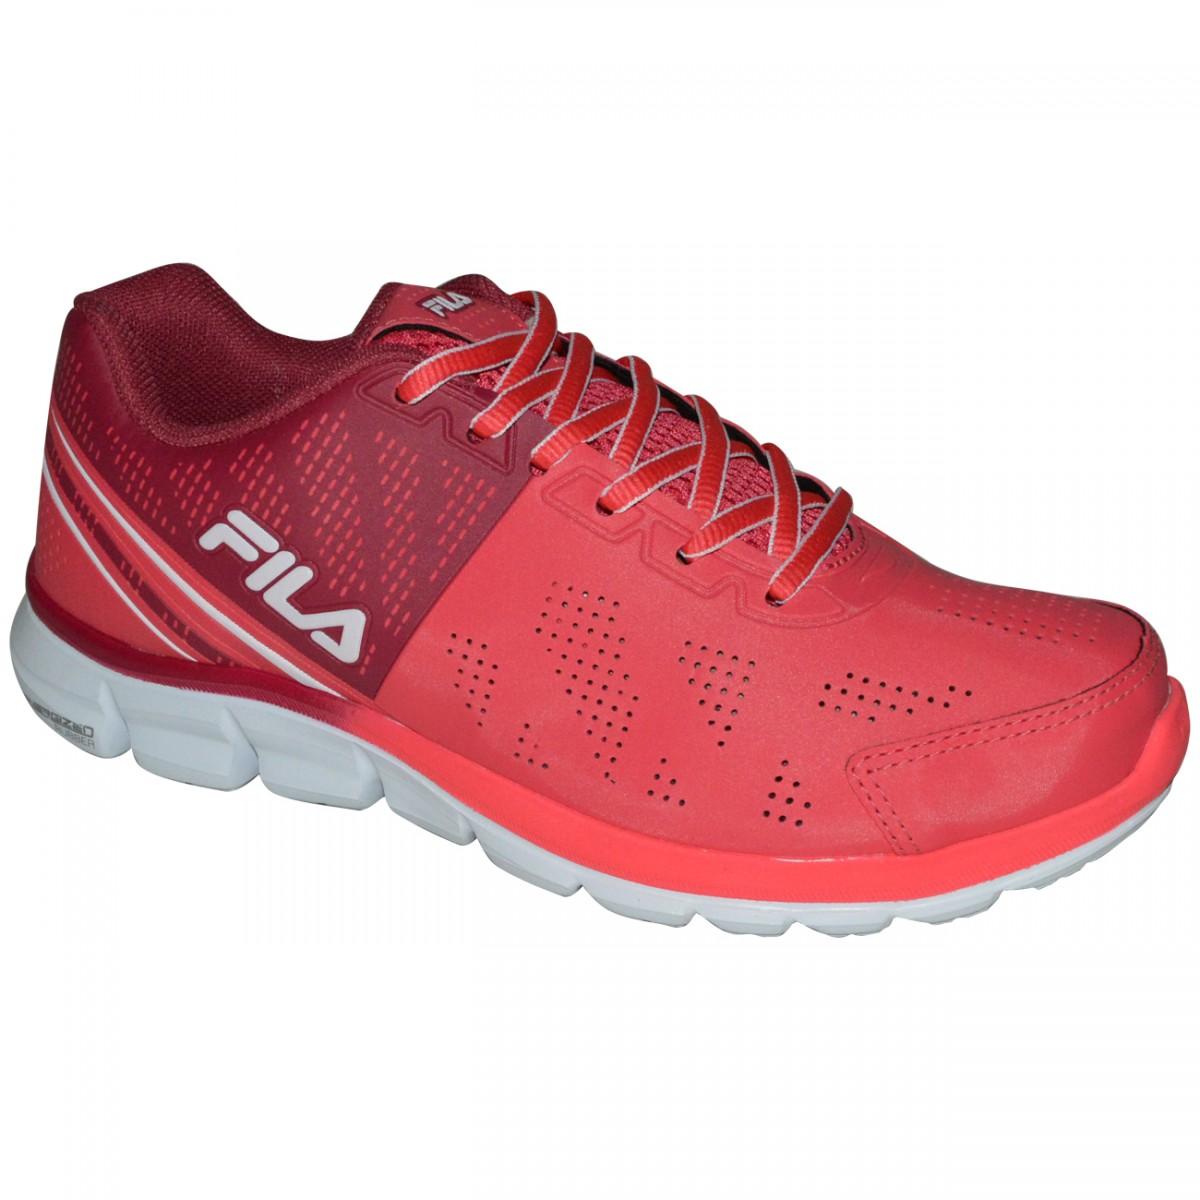 bfe4662f60 Tenis Fila Half 683464 - Pink - Chuteira Nike, Adidas. Sandalias Femininas.  Sandy Calçados